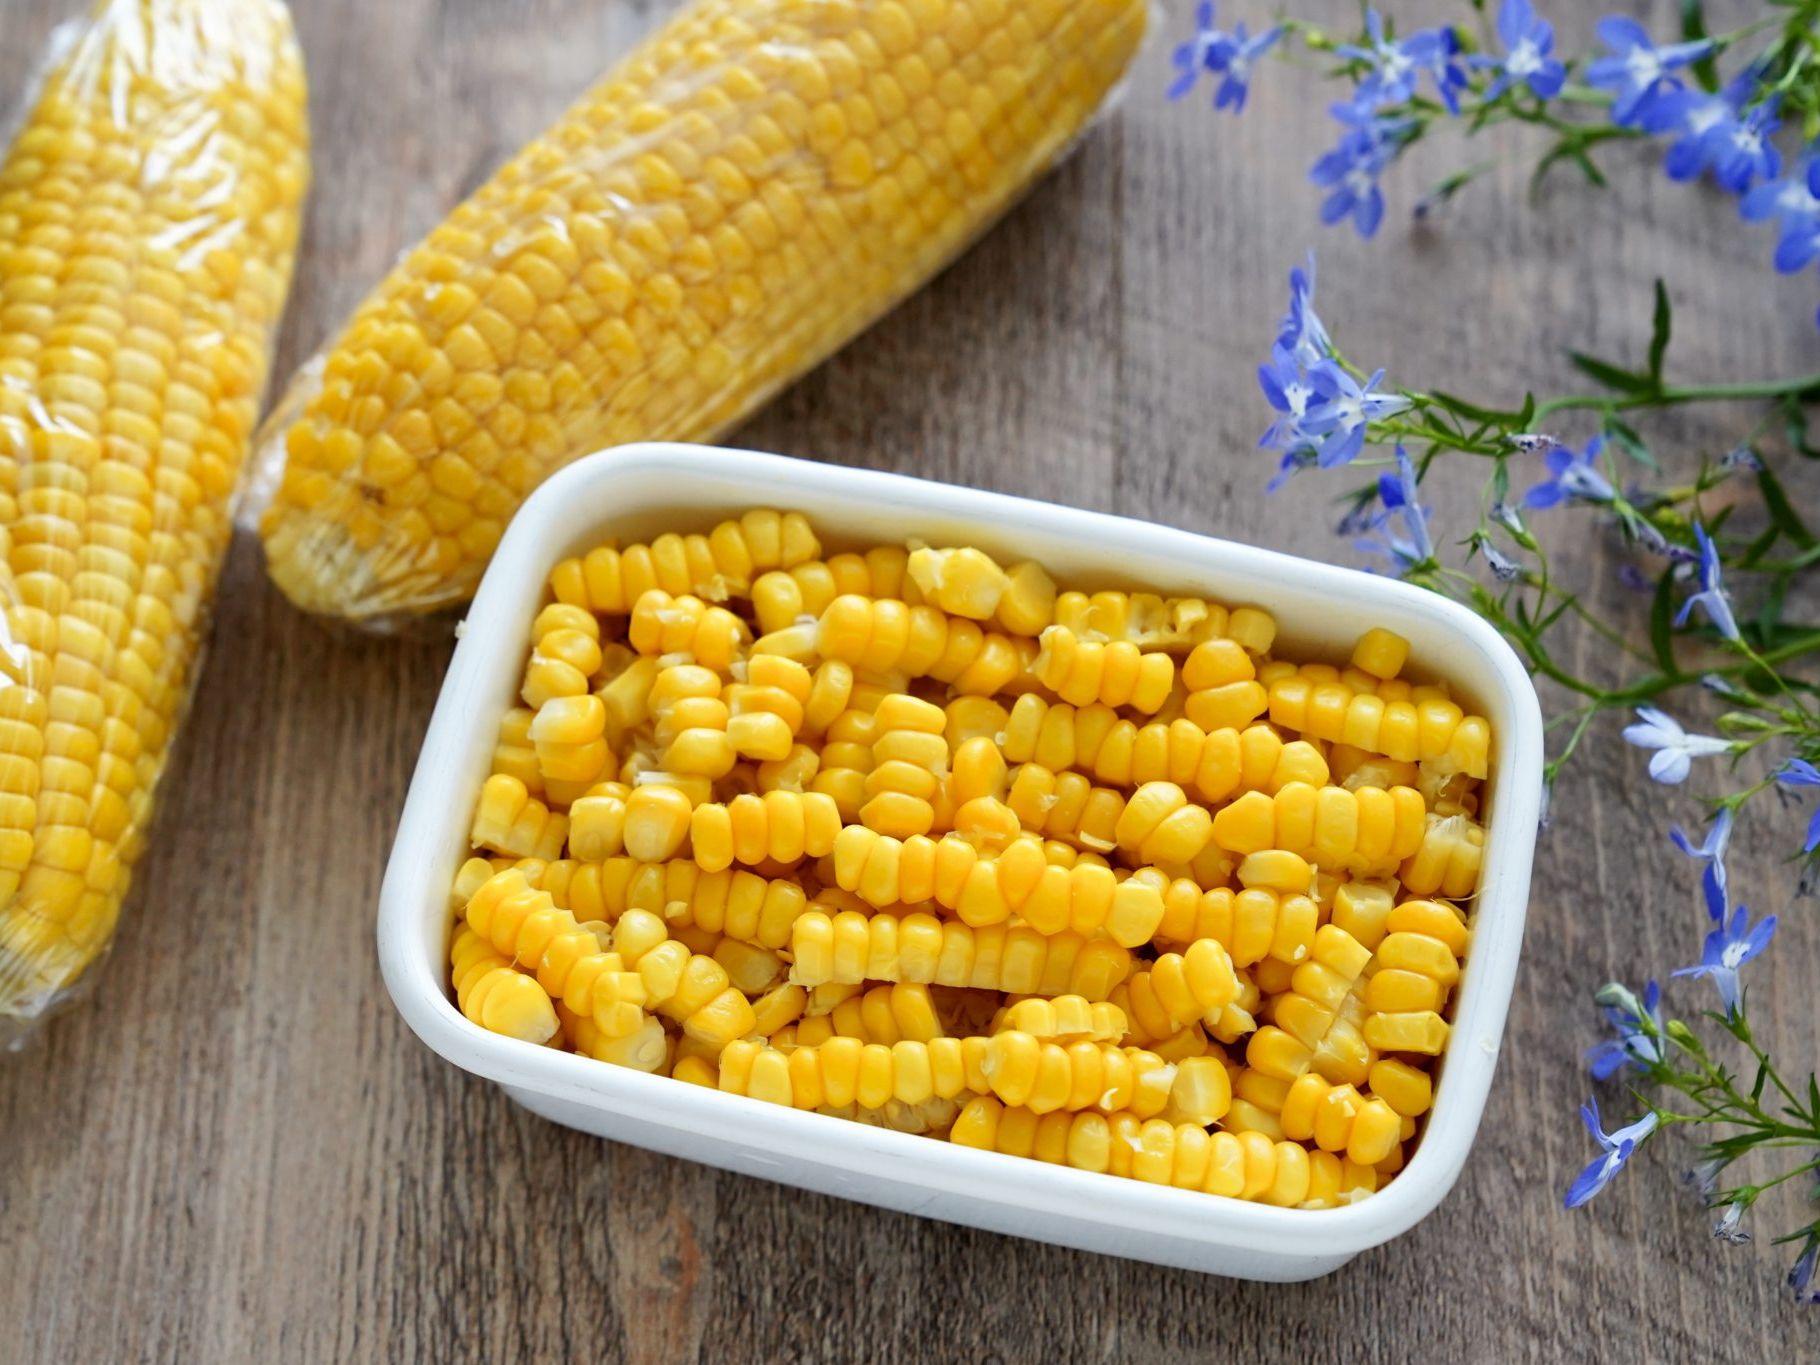 冷凍 まずい 大根 冷凍したら味や食感がガタ落ち!? 絶対に冷凍保存してはいけない10の食材